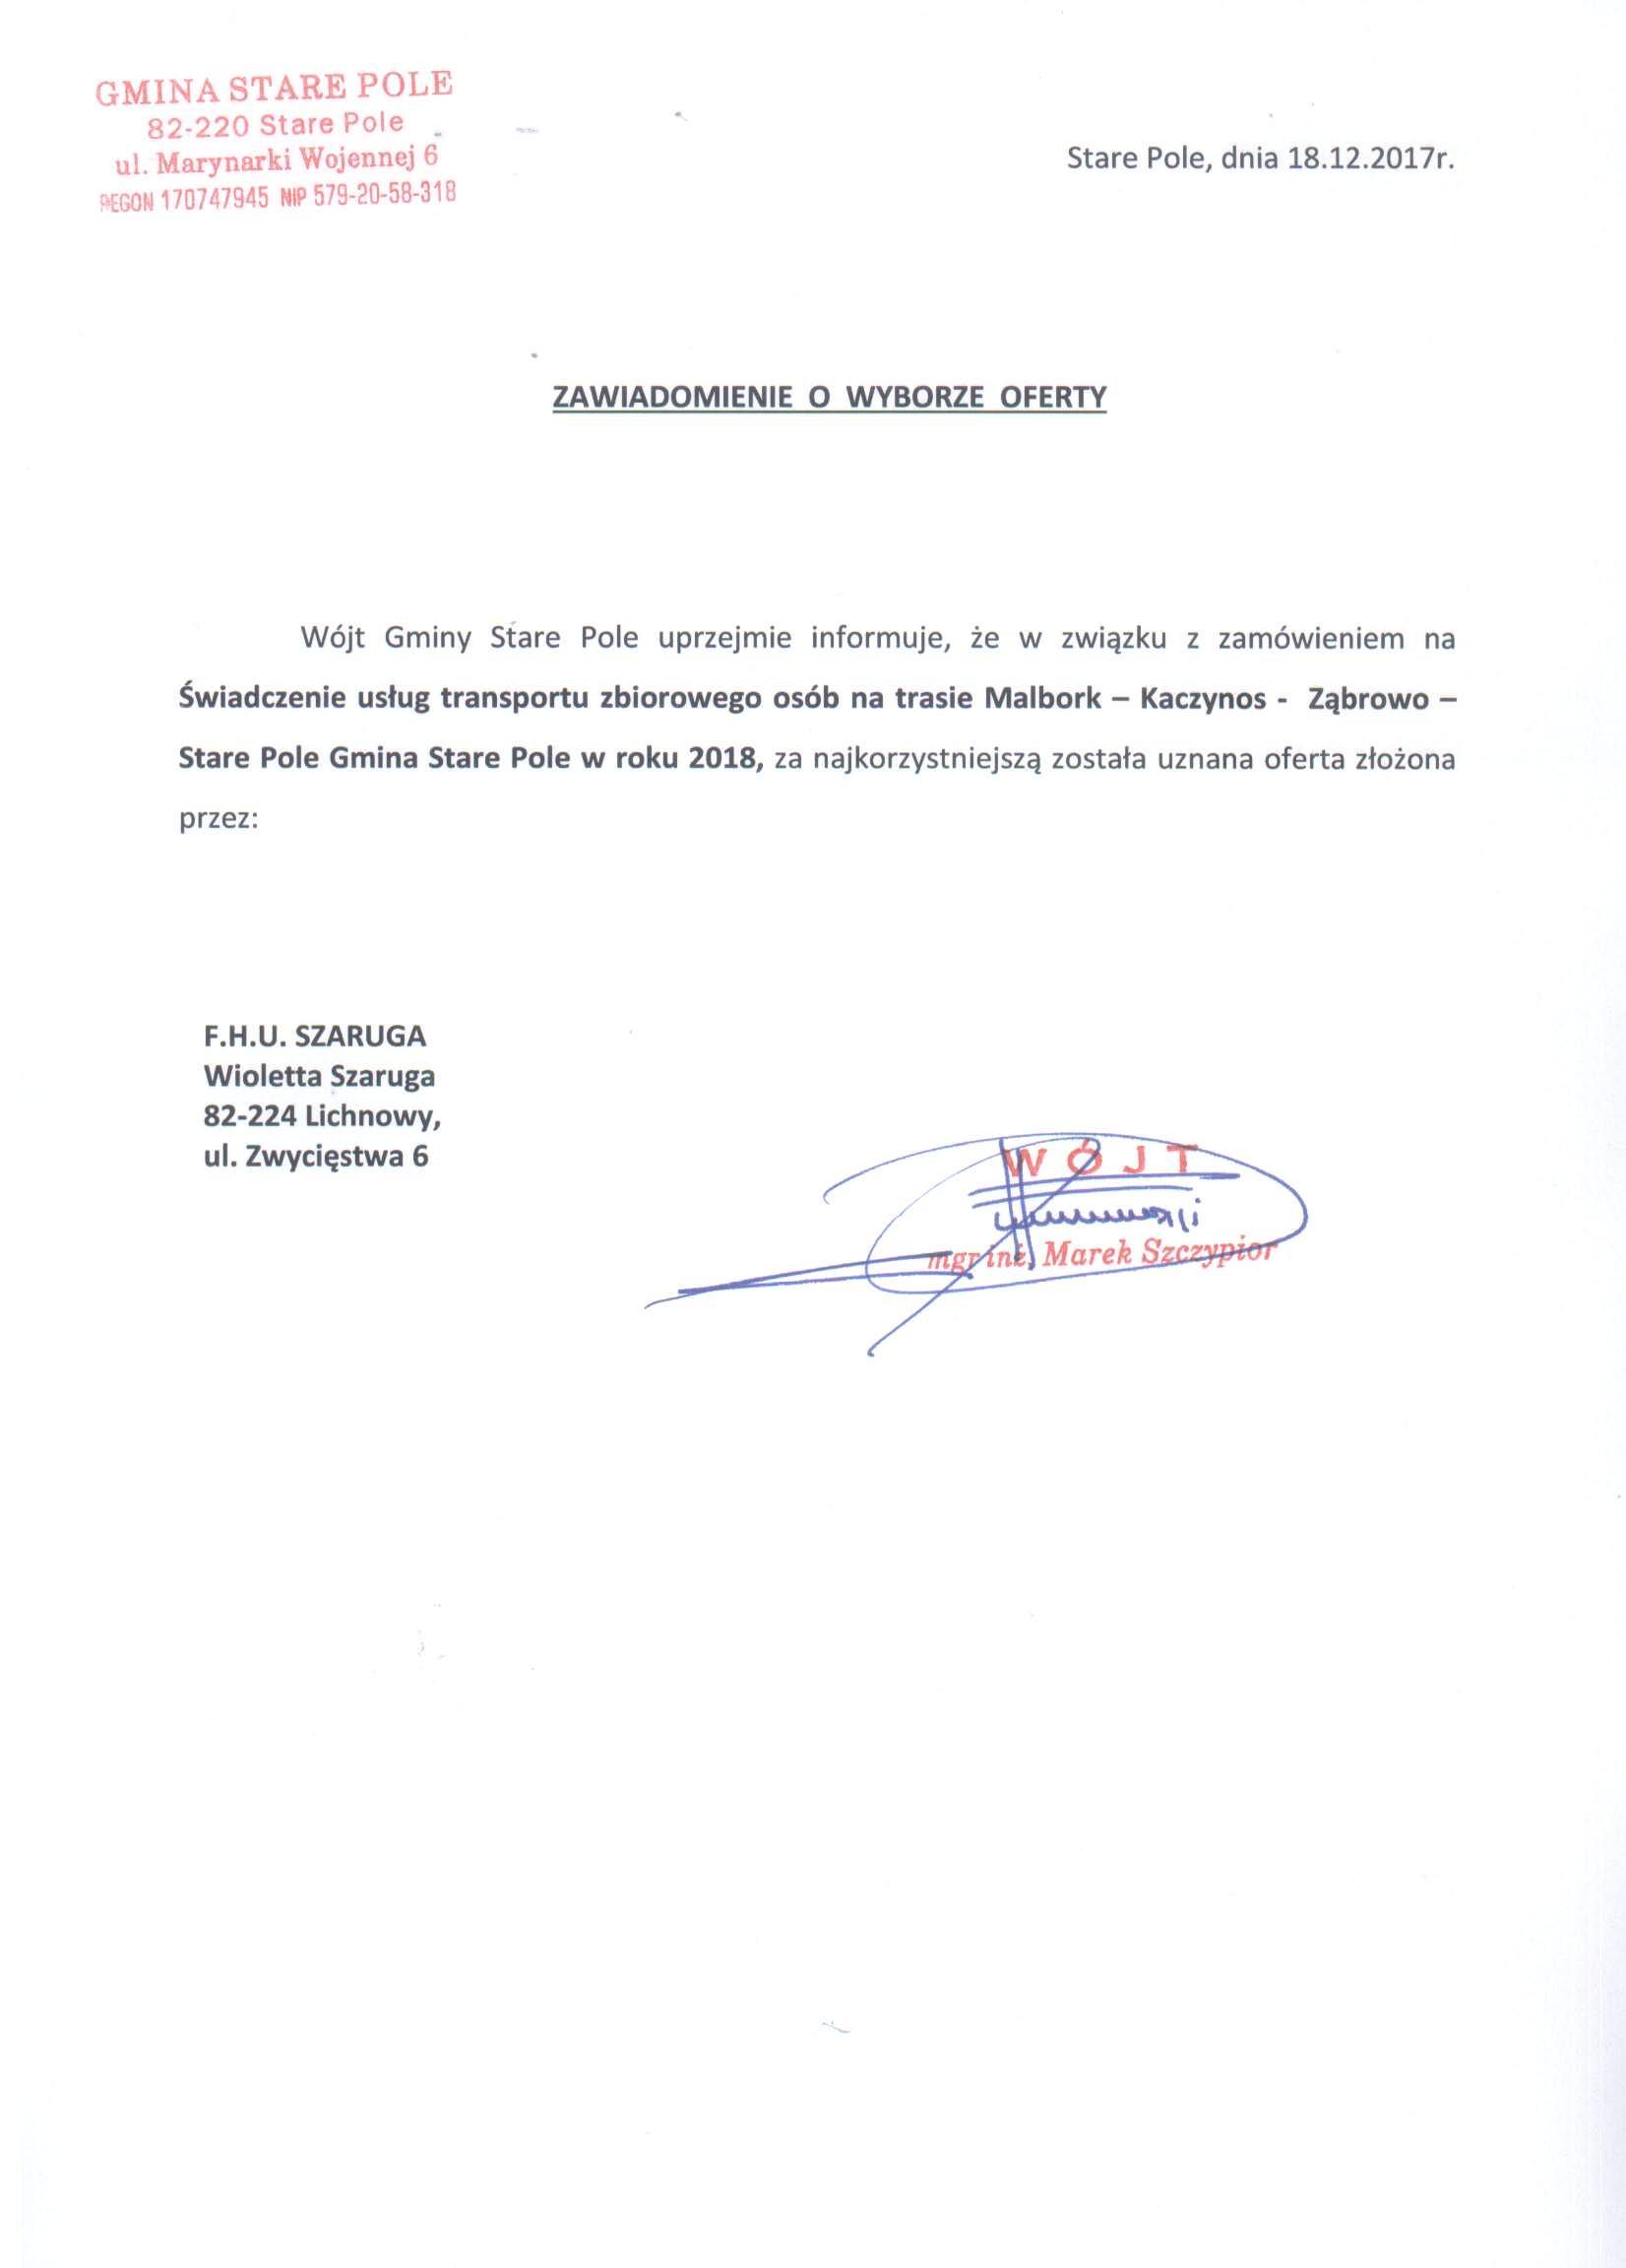 Zawiadomienie z dnia 18 grudnia 2017 r. o wyborze oferty na realizację zadania